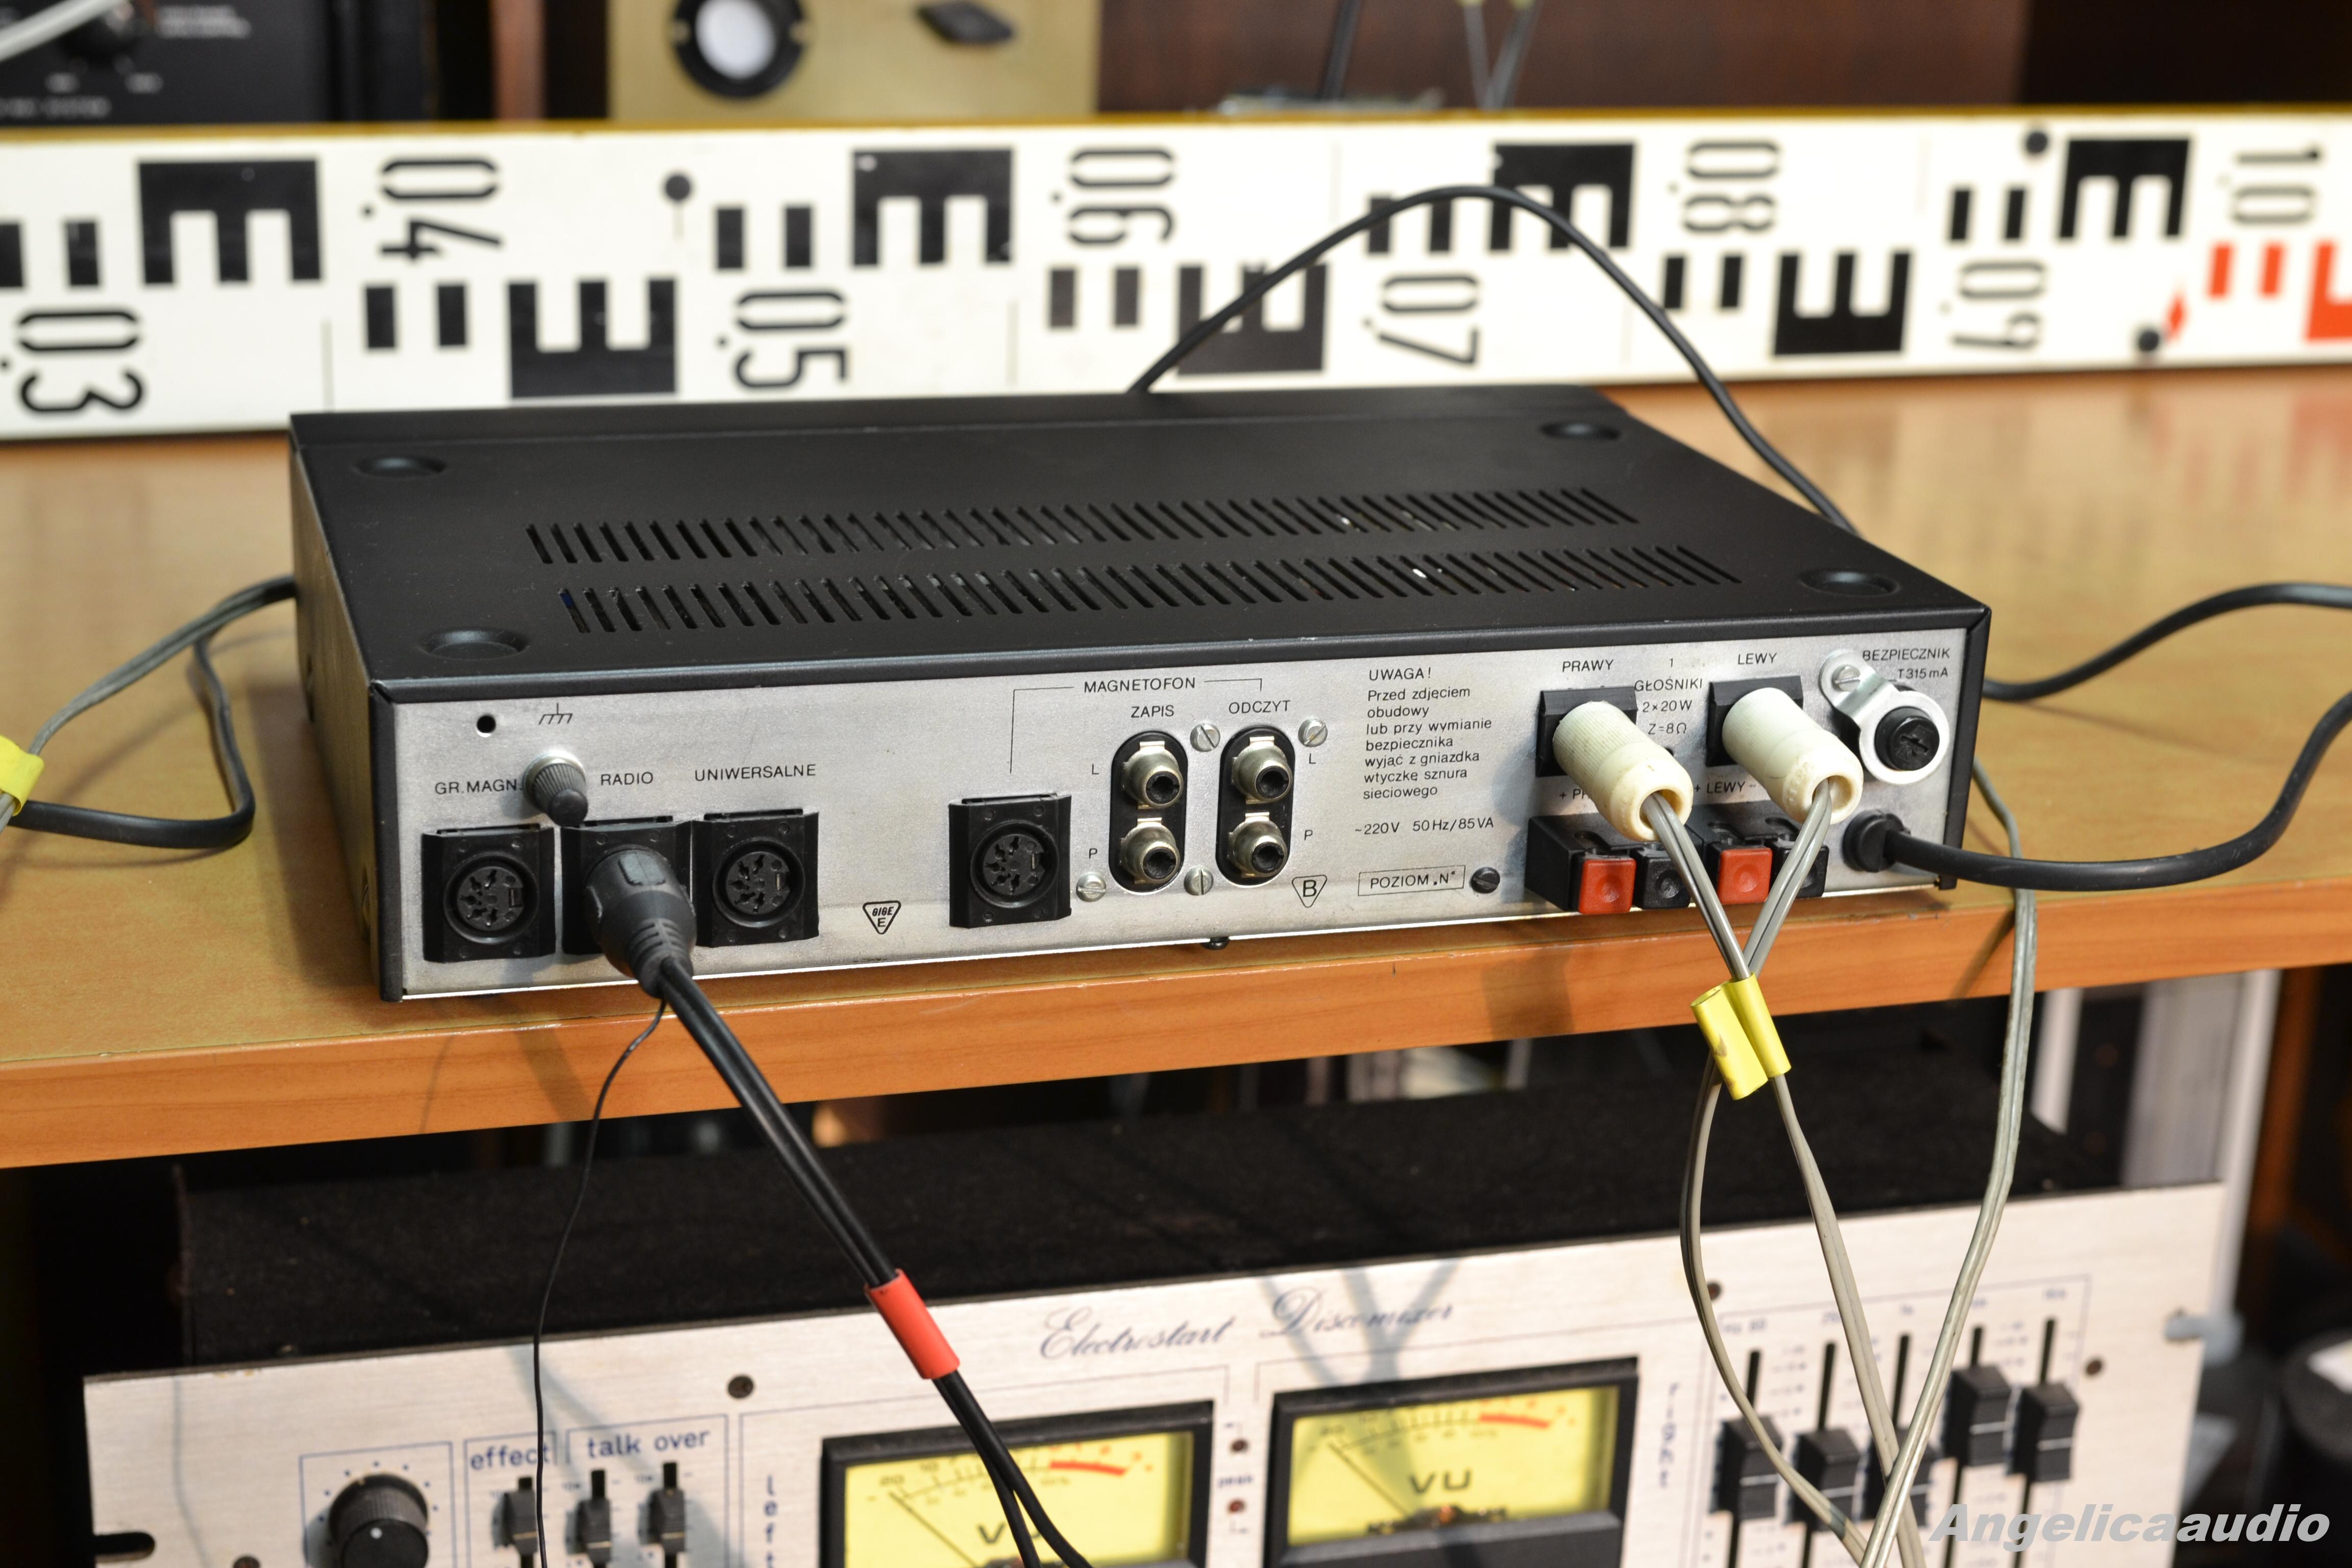 Unitra Wzmacniacz Stereo Pw 8010 Angelicaaudio 1990